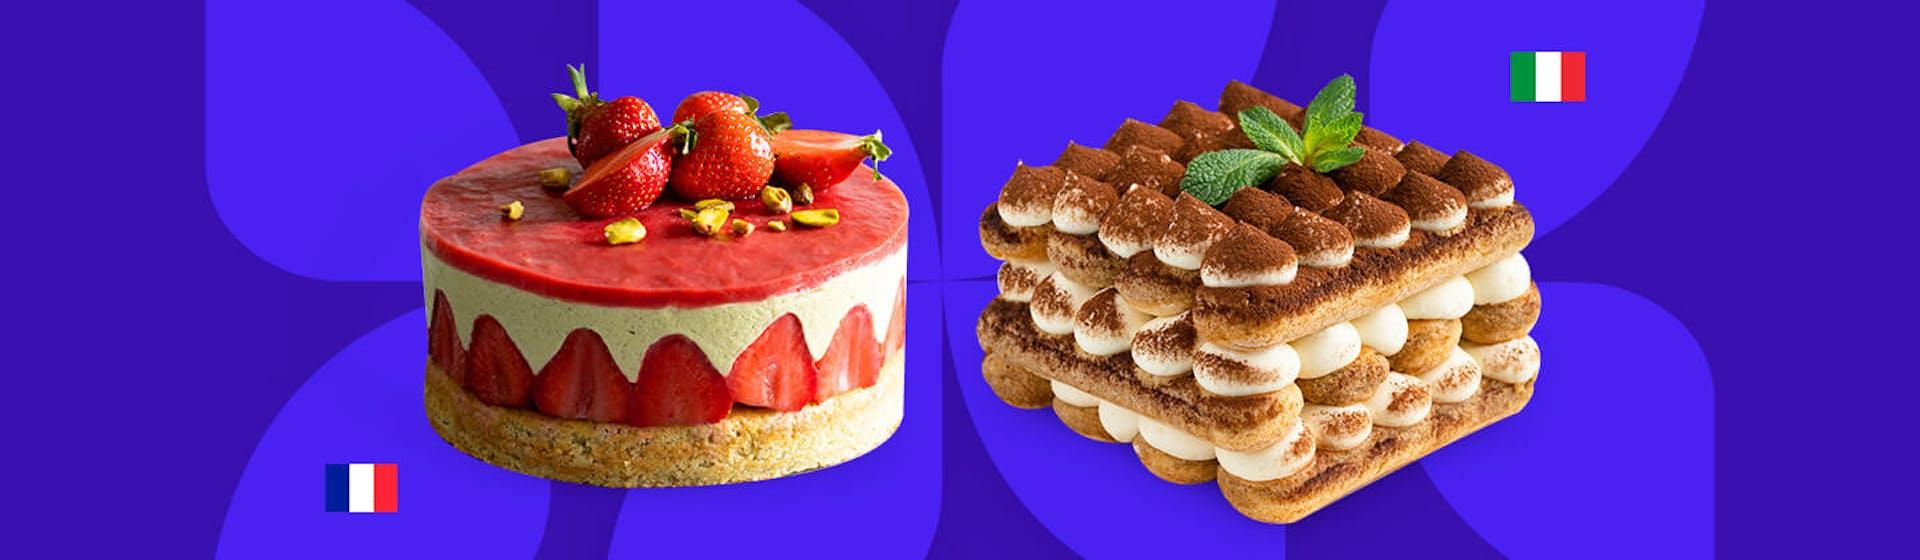 ¿Cuál es la diferencia entre la pastelería italiana y la pastelería francesa?